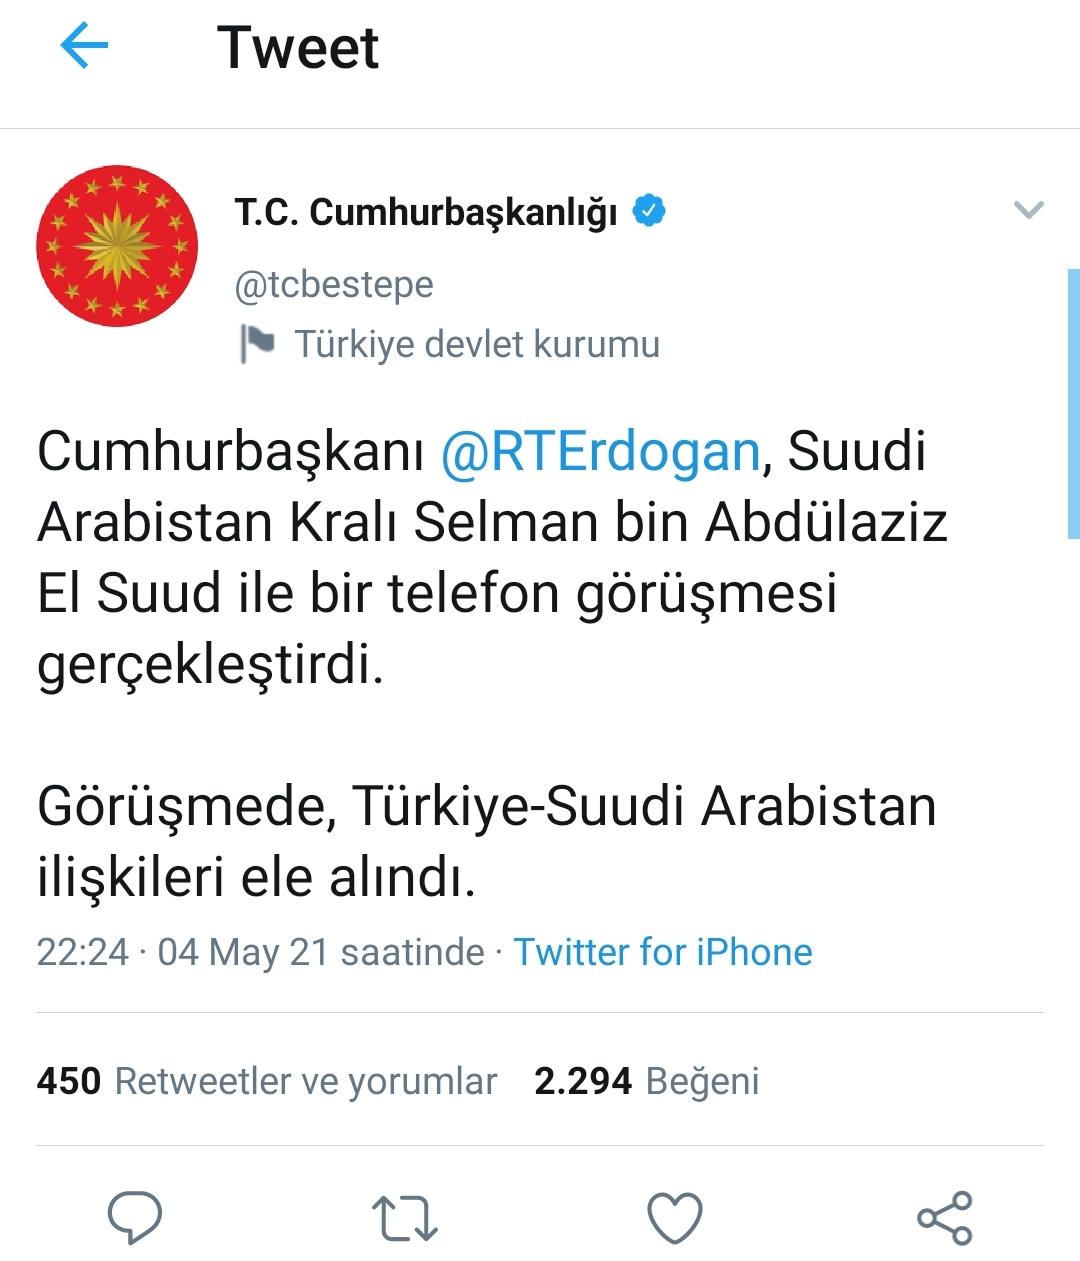 Cumhurbaşkanı Recep Tayyip Erdoğan, Suudi Arabistan Kralı Selman bin Abdülaziz El Suud ile telefonda görüştü.